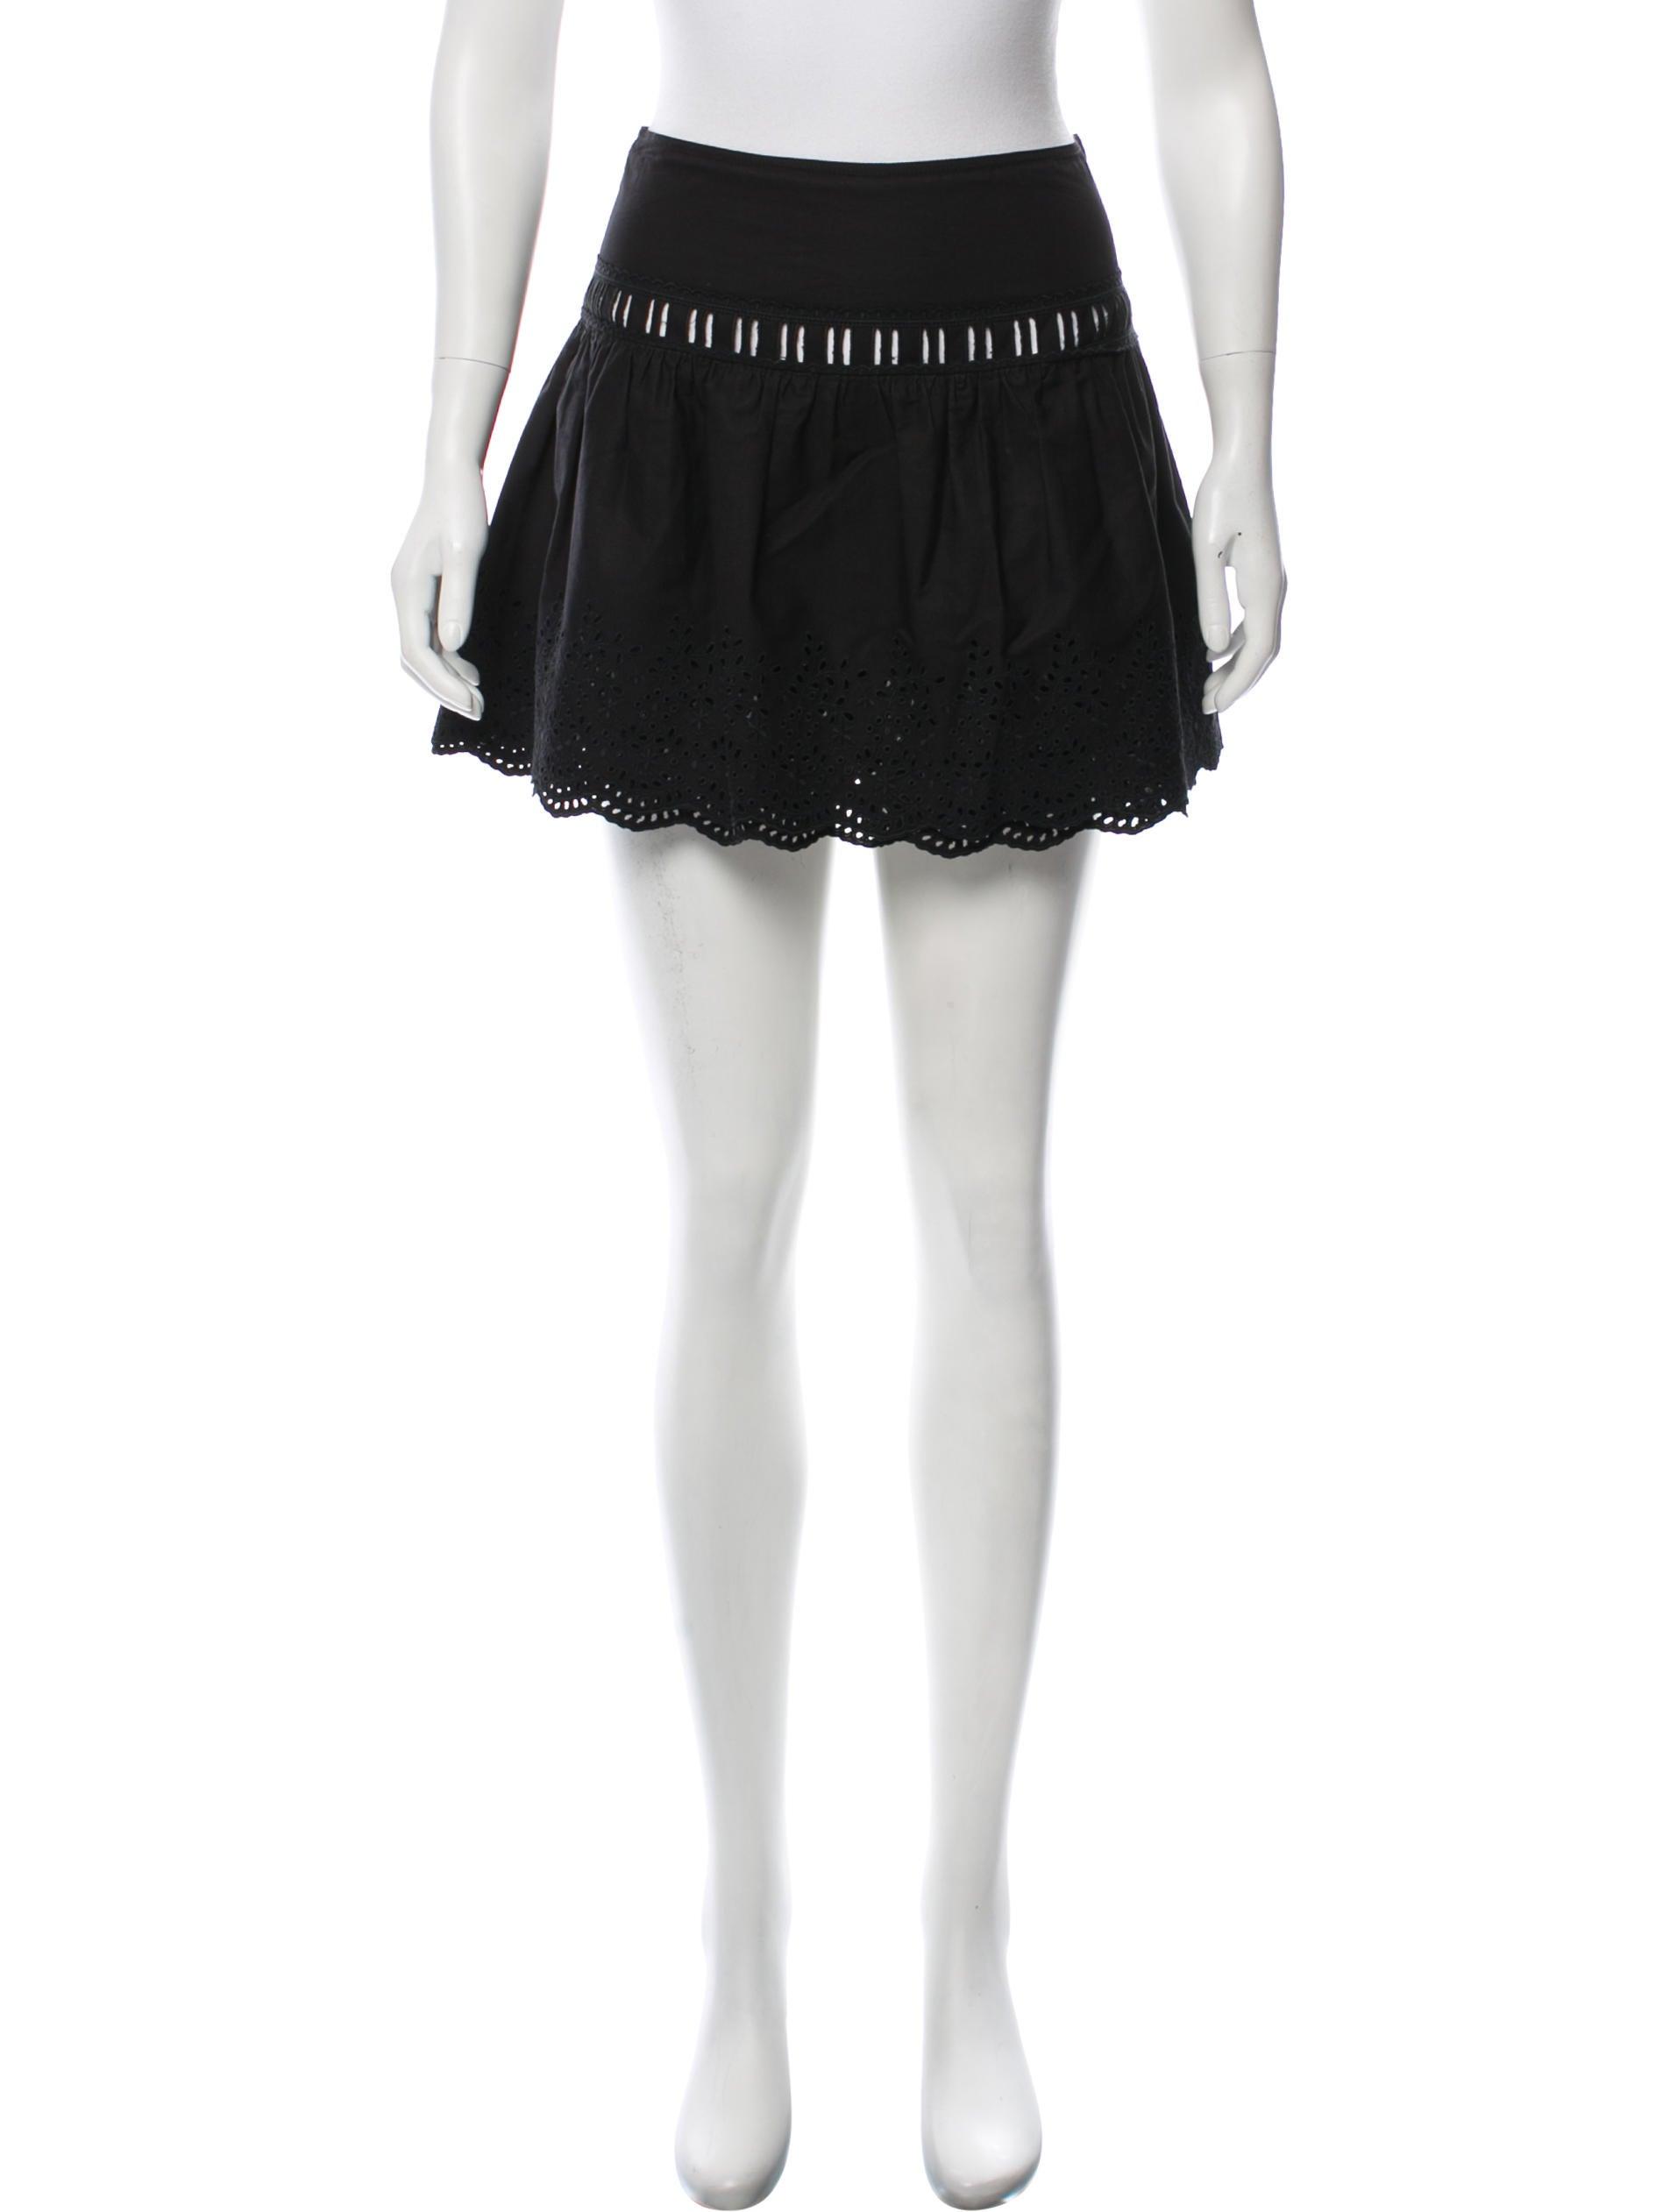 64784ec619e Miu Miu Eyelet Mini Skirt - Clothing - MIU65535